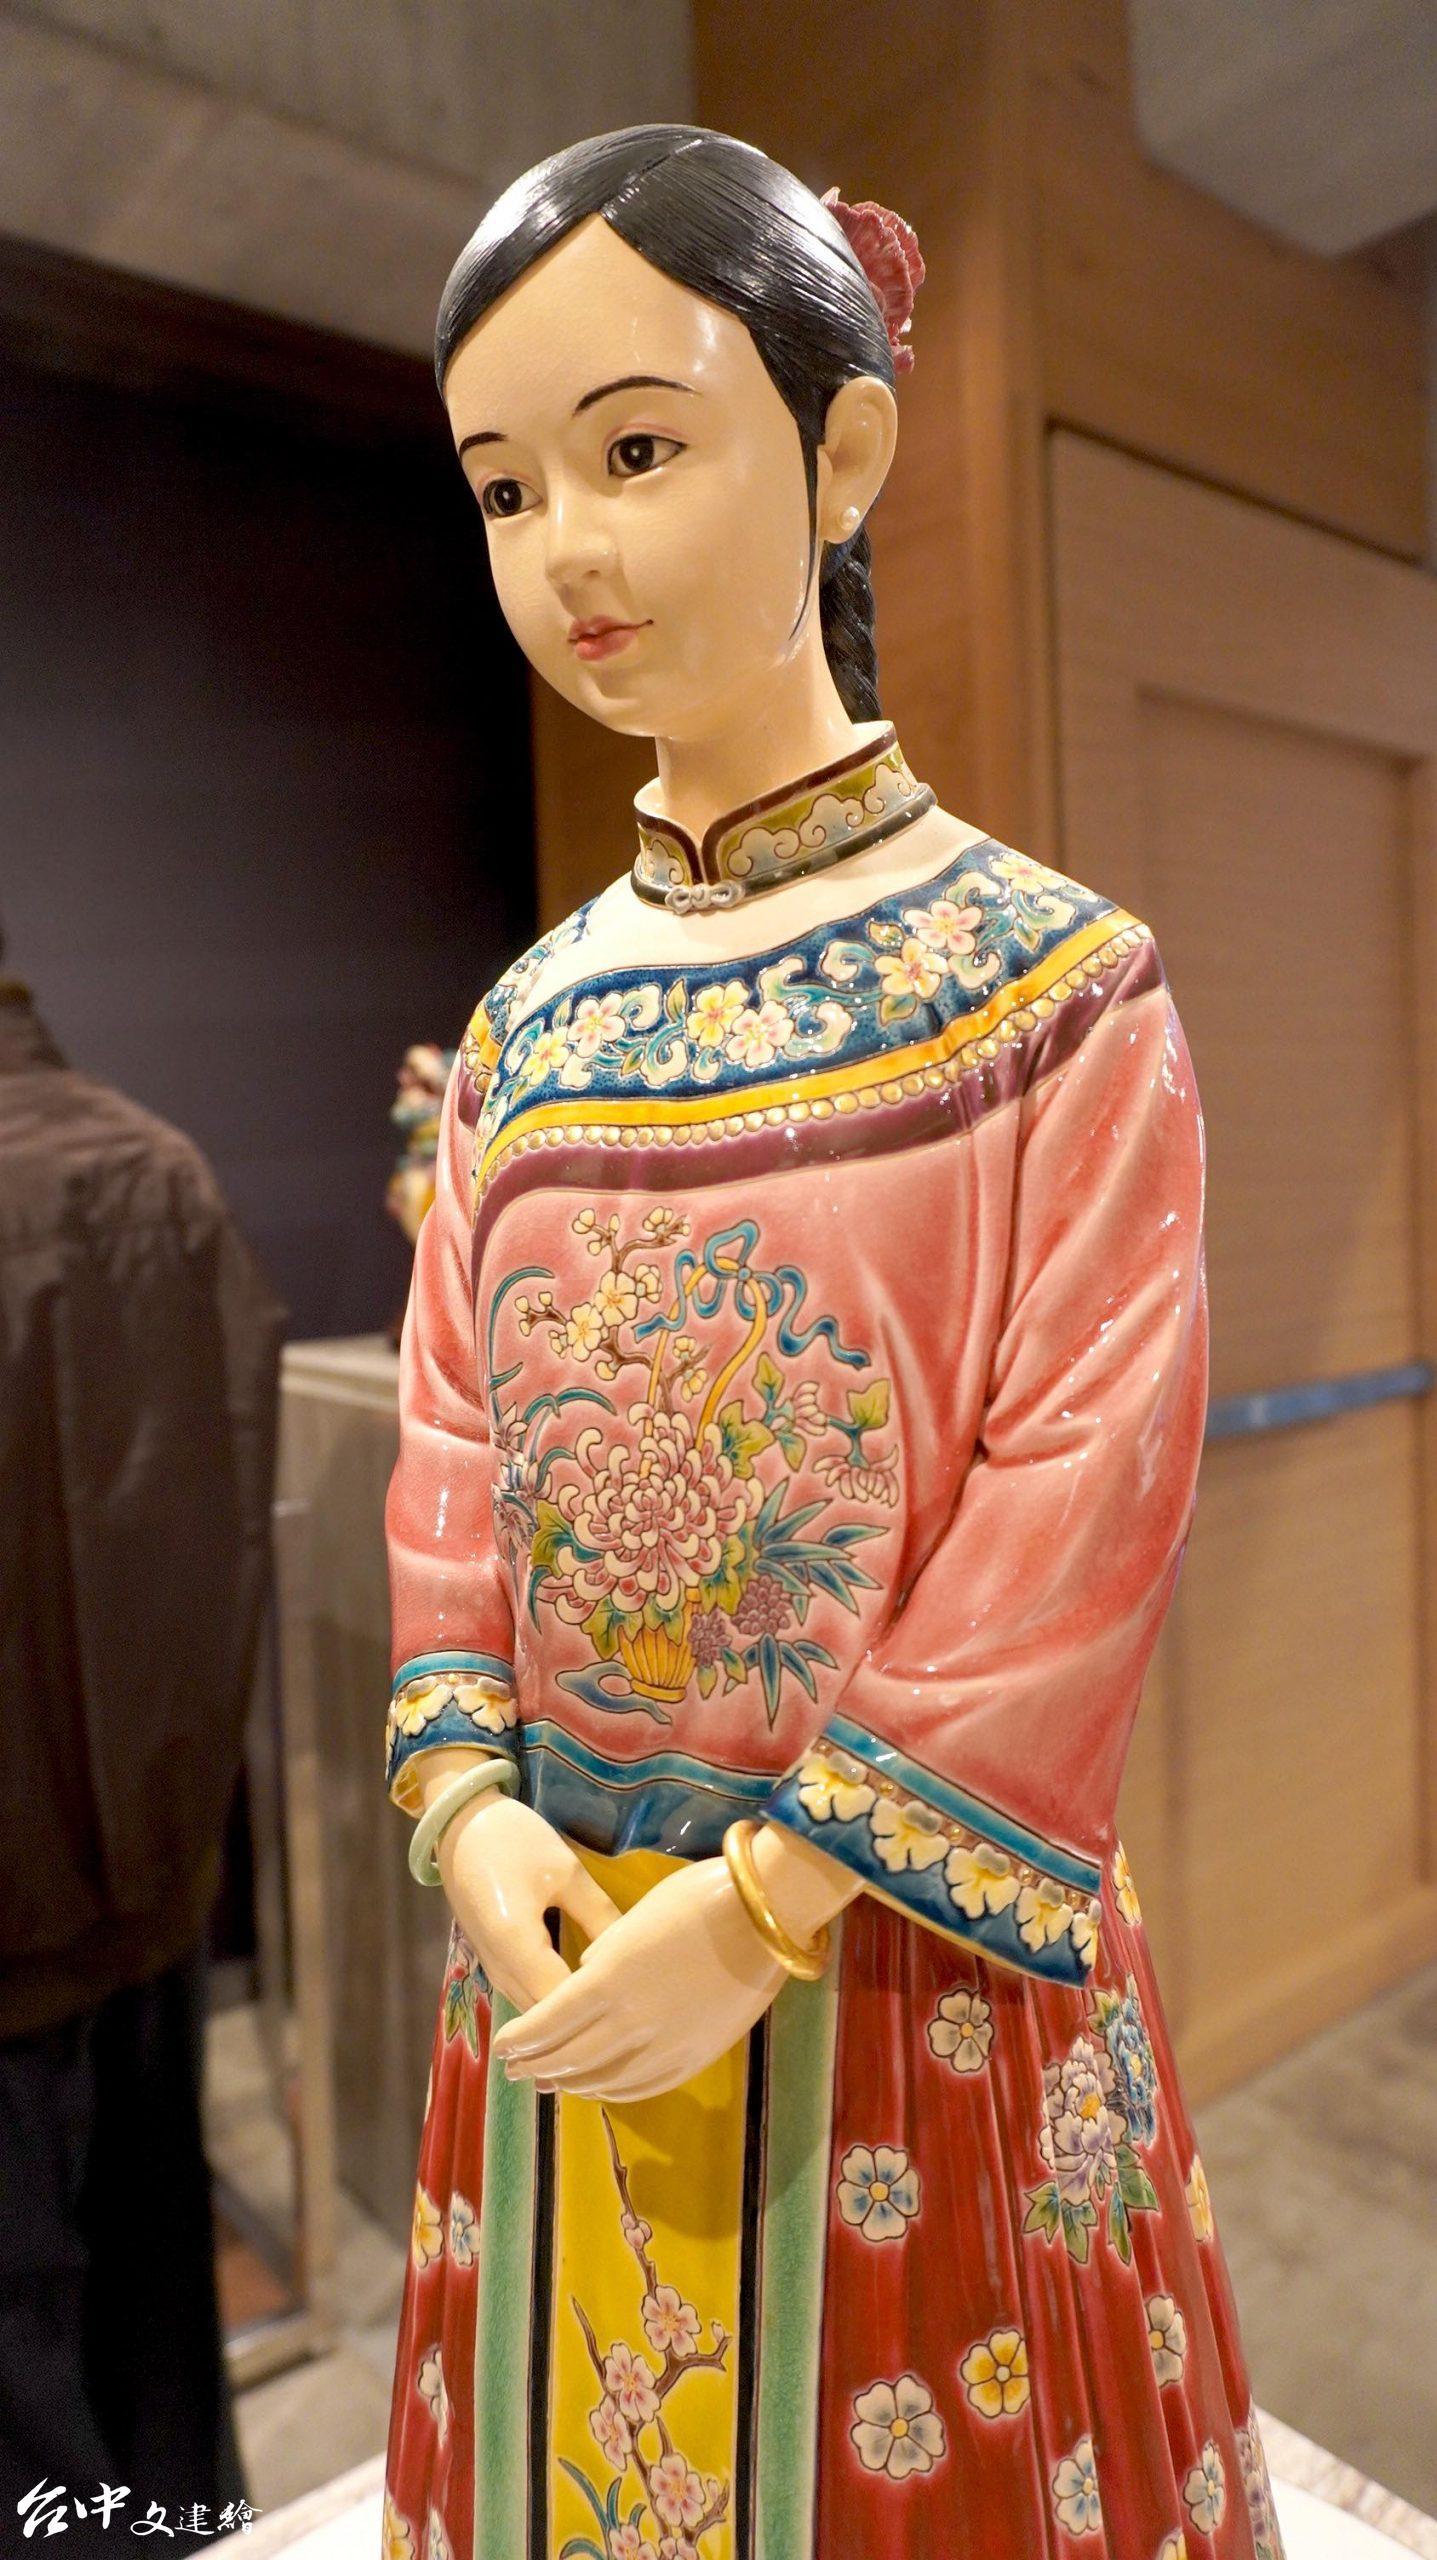 吳榮,交趾陶,法國三部曲之一—相。生於清朝大戶人家的少女,因為媒人上門說親事,而感到緊張不安,裙擺上的牡丹,象徵了大戶人家期望的「富貴」。(圖:台中文建繪)